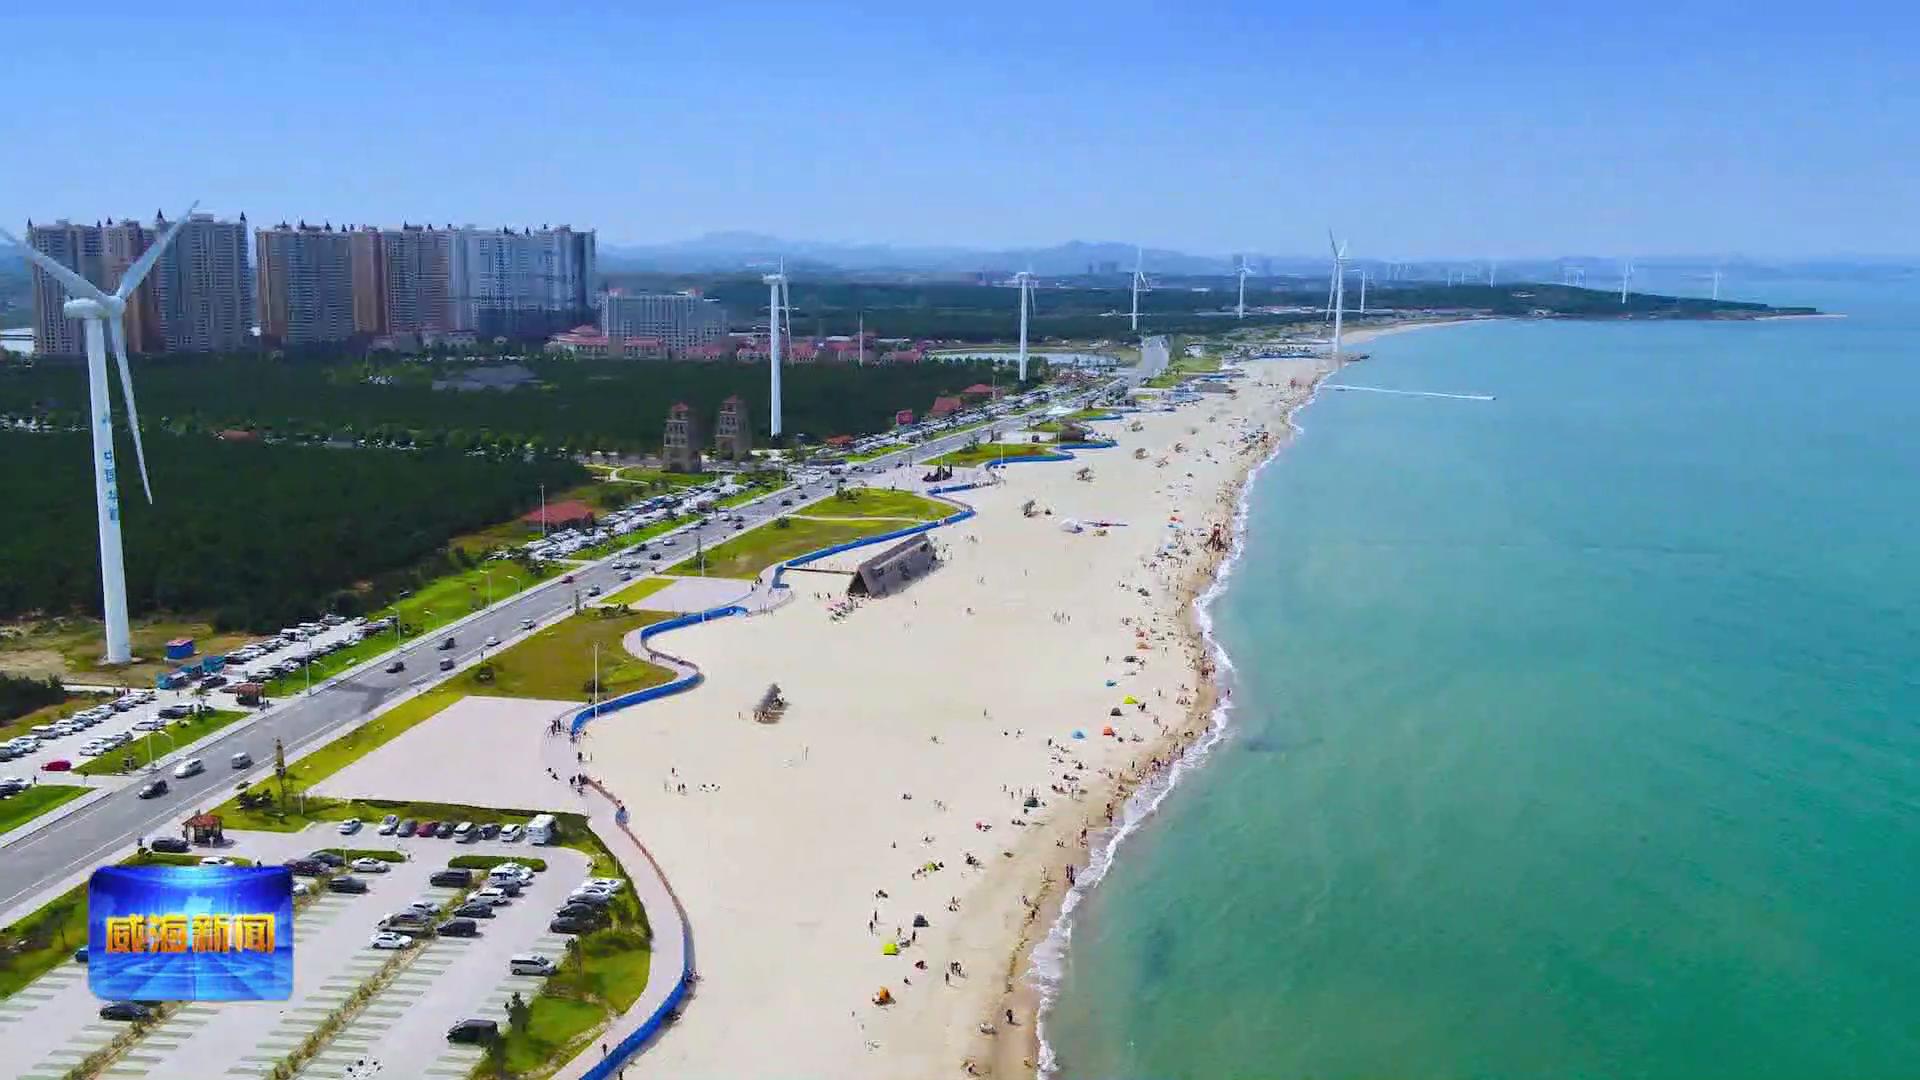 千里山海 自在威海 聚合山海资源 拉长旅游消费链条